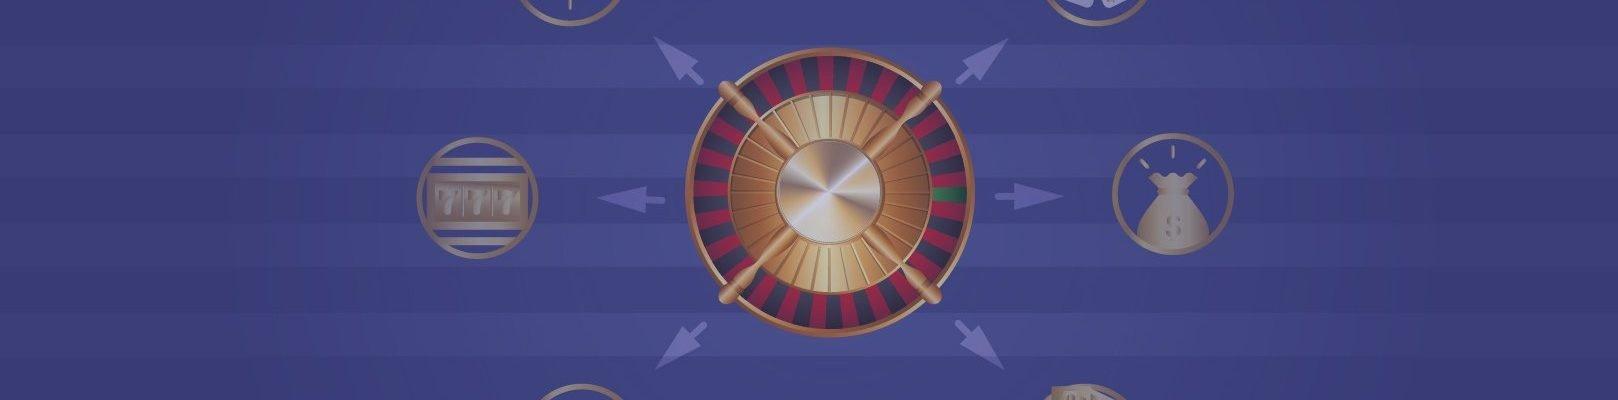 Kontanter Super spins 26946